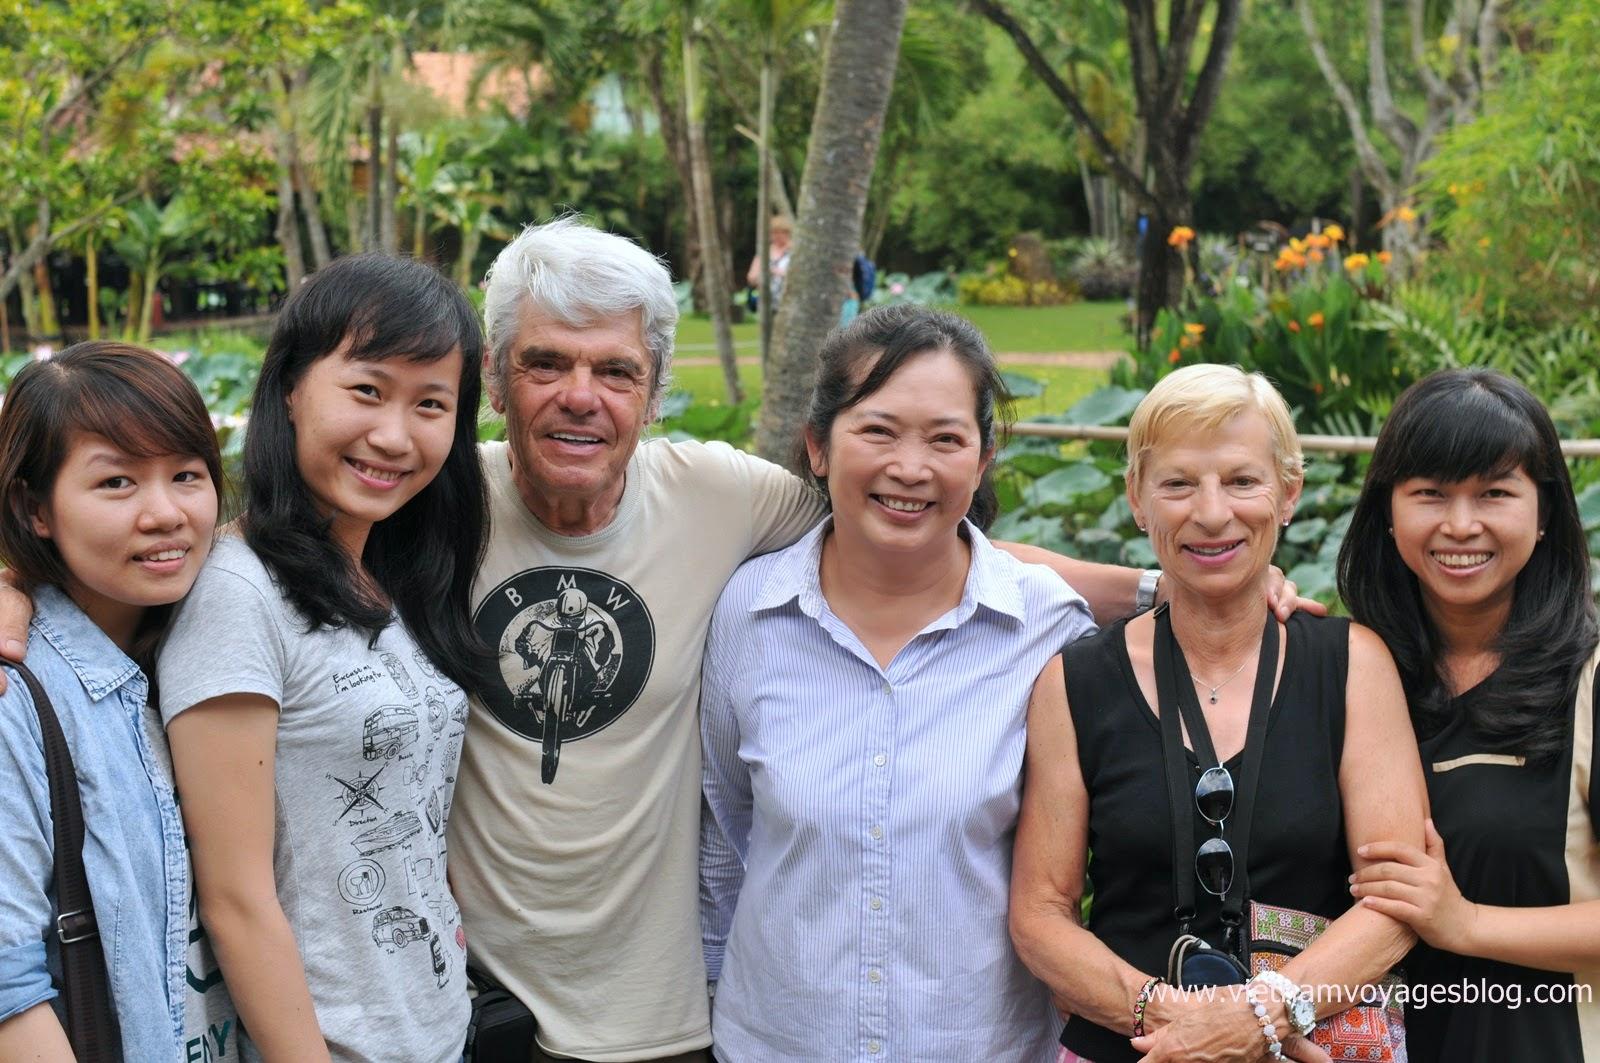 Groupe de Mr Gilles au delta du Mékong 2014 avec Vietventures Voyages